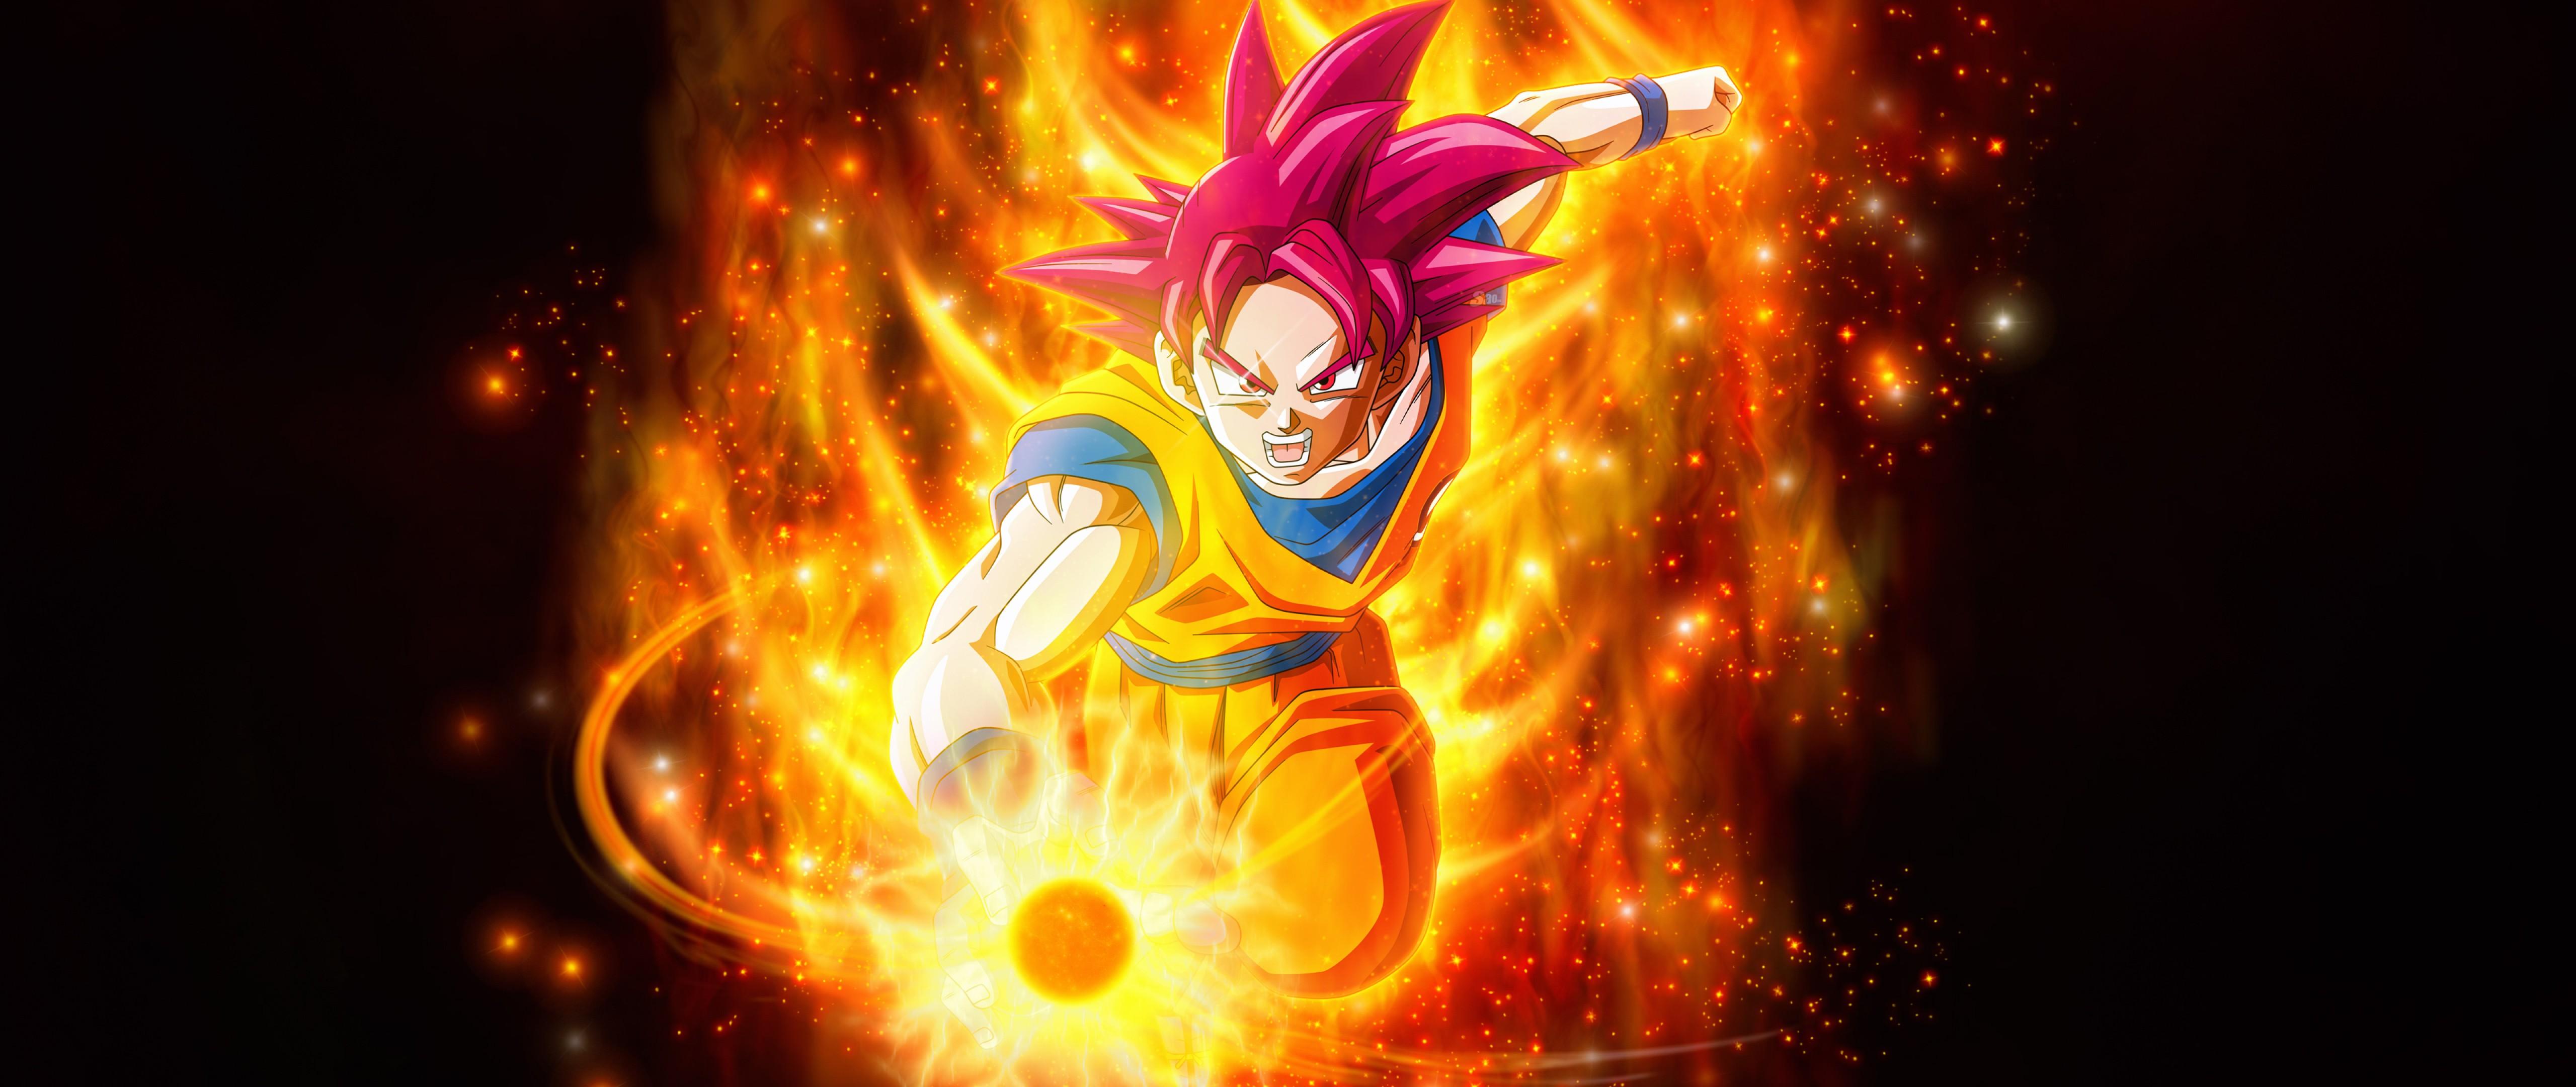 Super Saiyan Goku Dragon Ball Super Super 4k 4k Ultra Hd